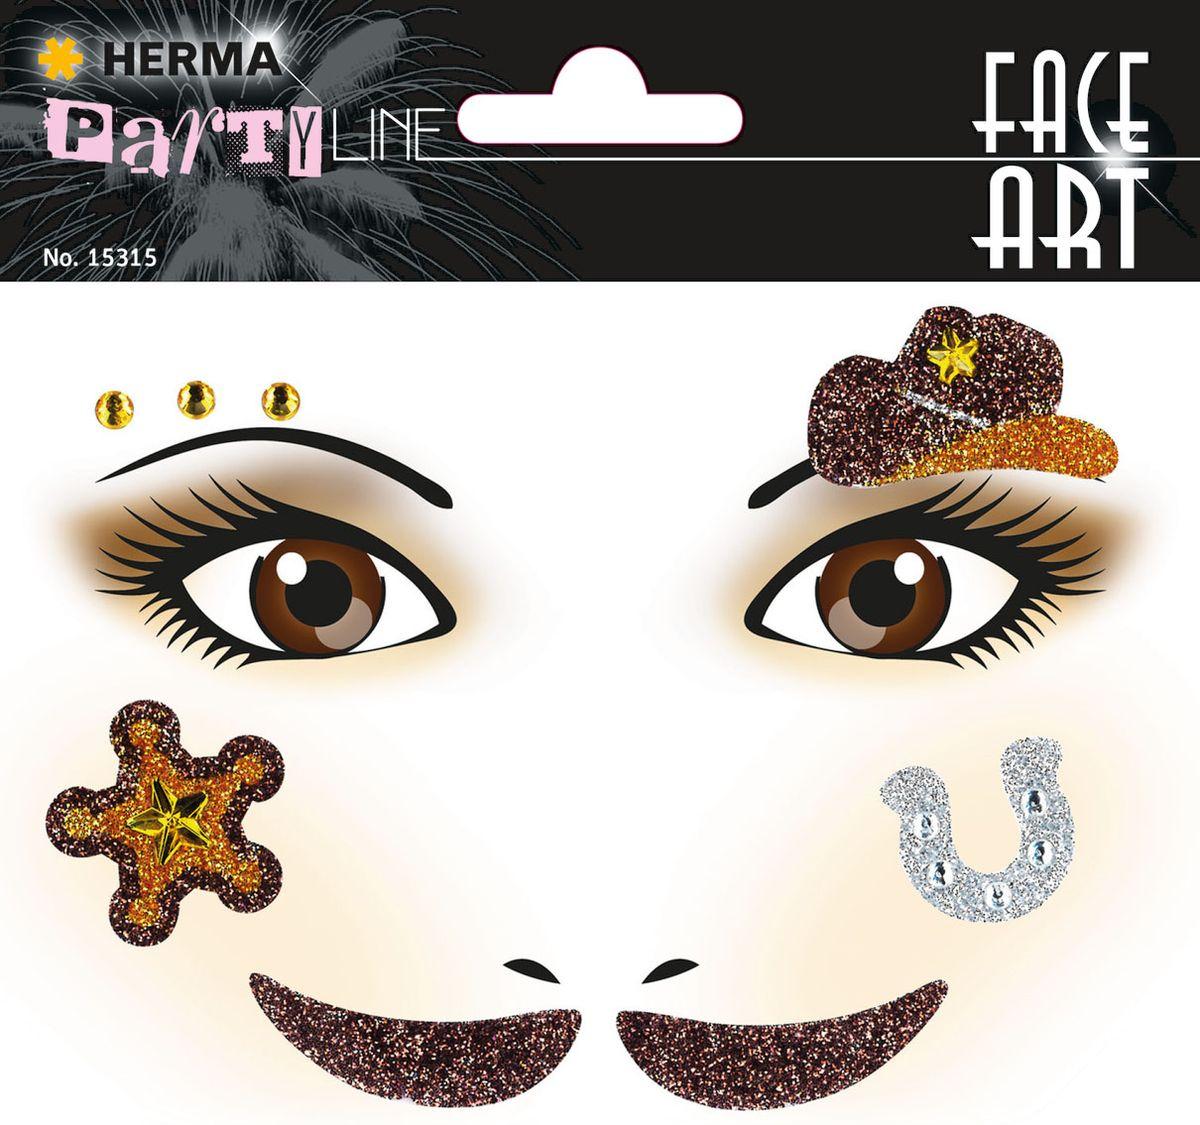 Herma Наклейки на лицо Face Art Cowboy (Ковбой)15315Face Art (фэйсарт) – это новое направления творчества и искусства. В последнее время фэйсарт стал достаточно популярным и востребованным направлением творчества. Что такое - фэйс арт, это искусство рисования разноцветными красками на лице. Face Art decor от Herma - это серия наклеек для фэйс арта с наиболее популярными мотивами. Face Art decor от Herma - это гламурно, стильно и ярко! Наклейки прошли дерматологические испытания. Инструкция: 1. Аккуратно снимите наклейку и наклейте на лицо. 2. Можно завершить образ с помощью макияжа. 3. Наклейка легко снимается, аккуратно удалите наклейку с лица и умойте лицо водой. 4. Не подходит для чувствительной кожи.